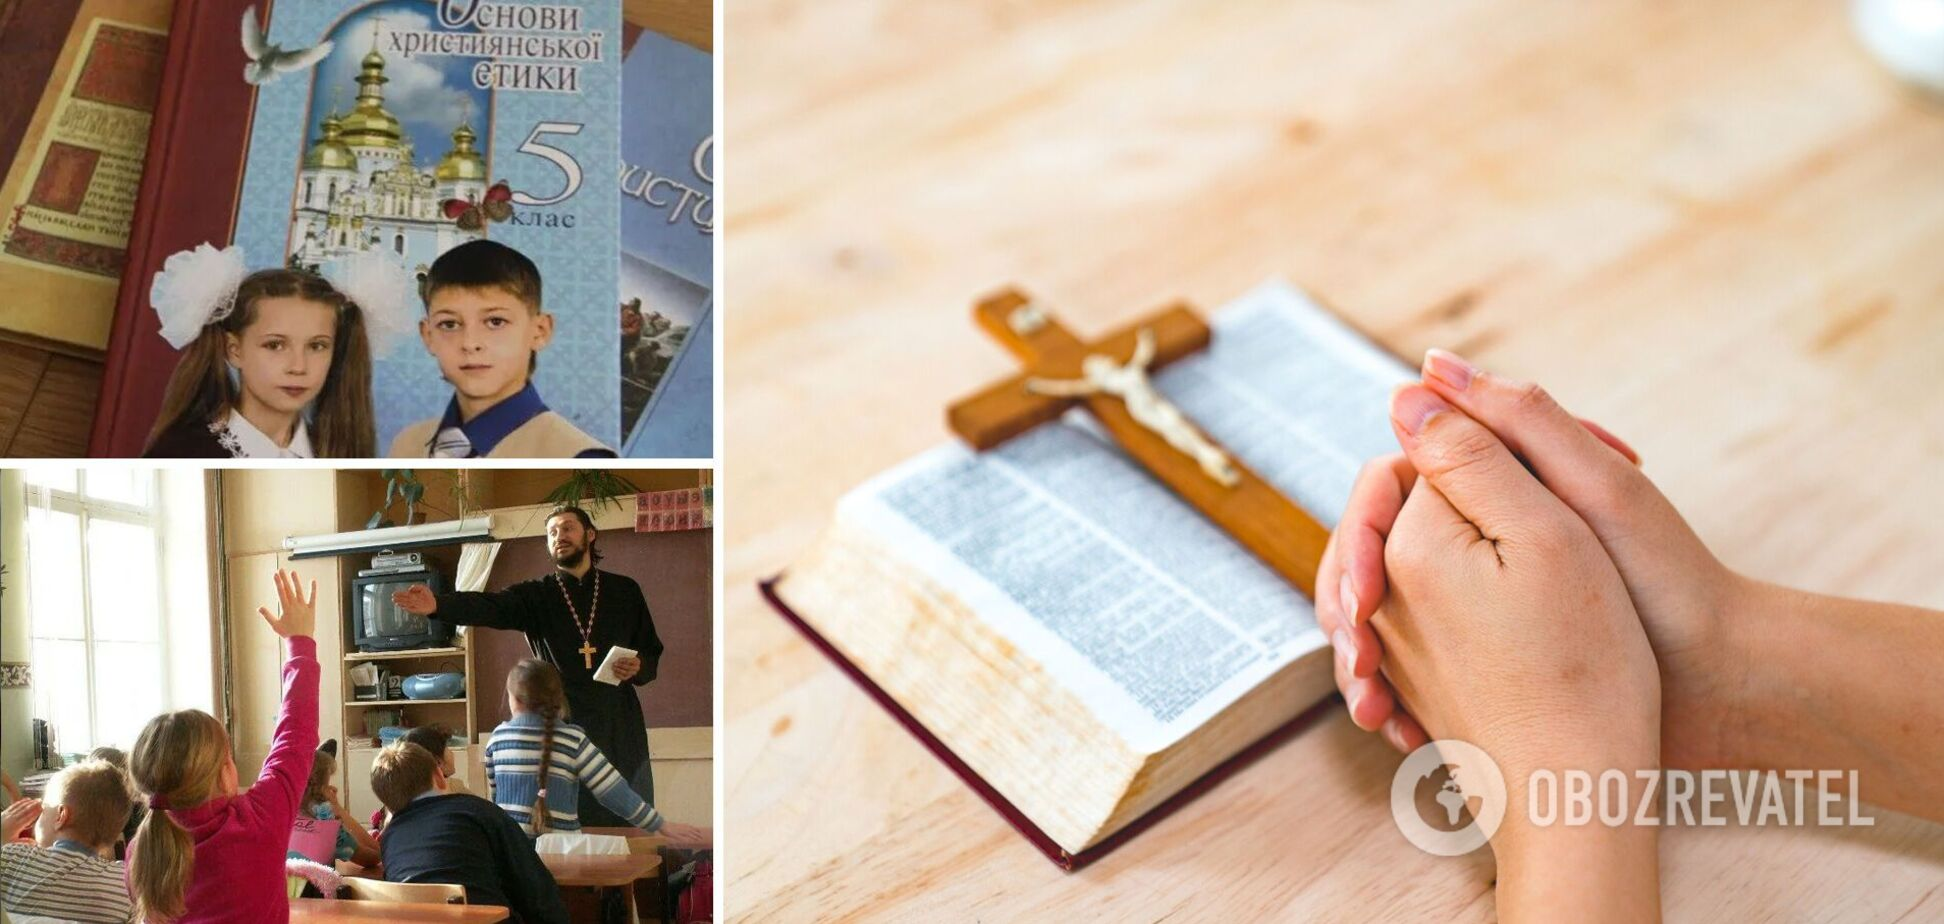 Министерство образования хочет сделать христианскую этику обязательным предметом